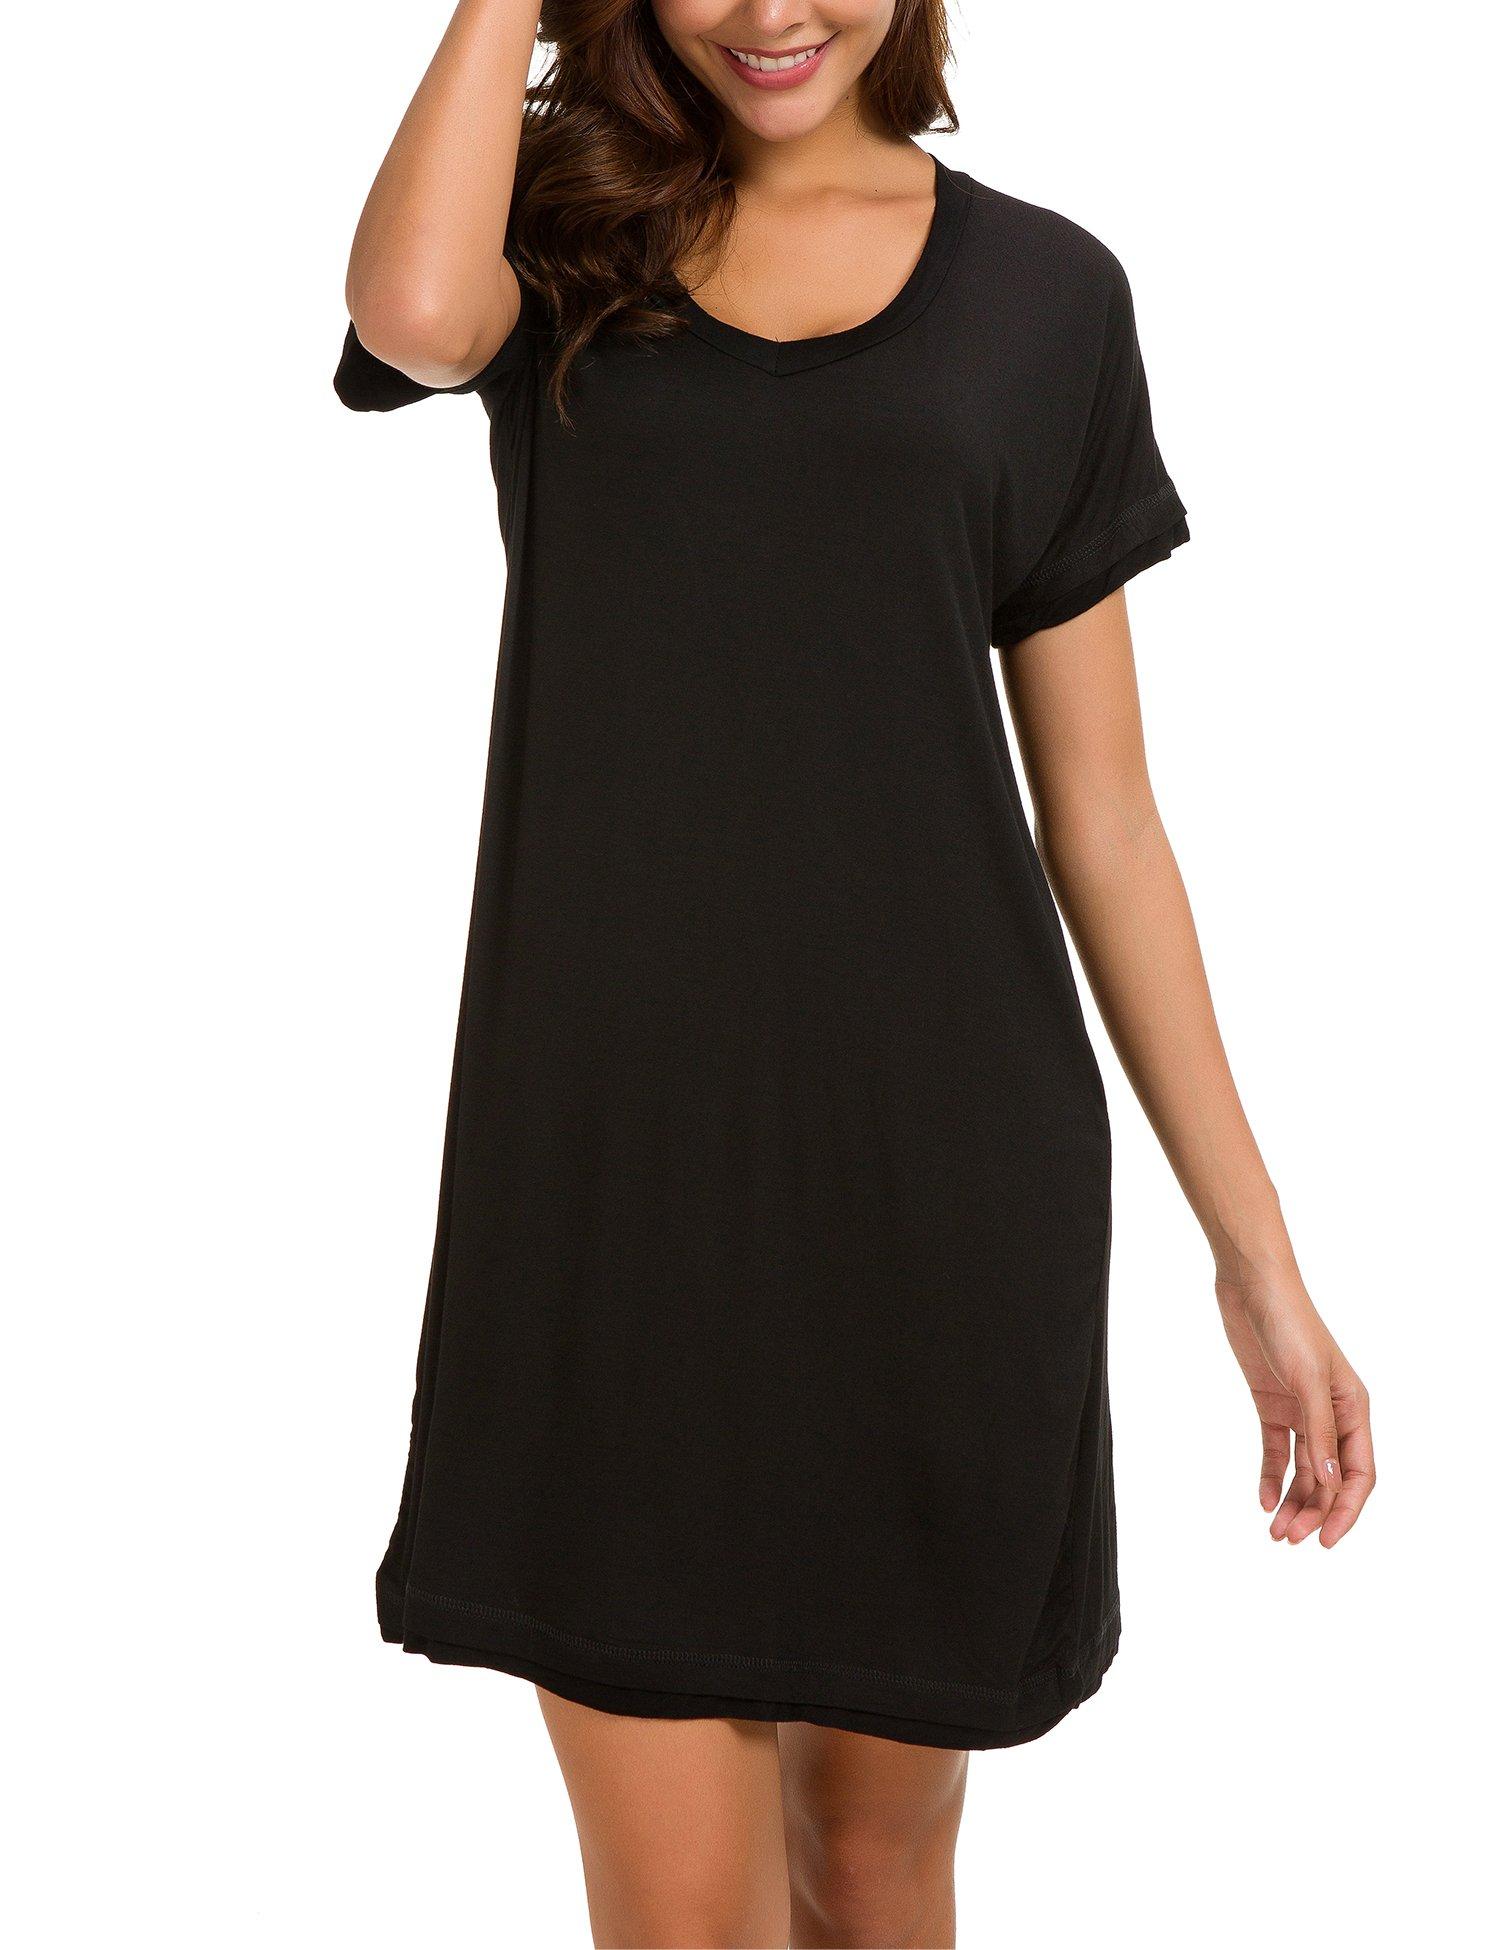 Dolay Women's Sleepwear Cotton Sleep Tee Short Sleeves Knit Sleepshirt (Black, XL) by Dolay (Image #3)